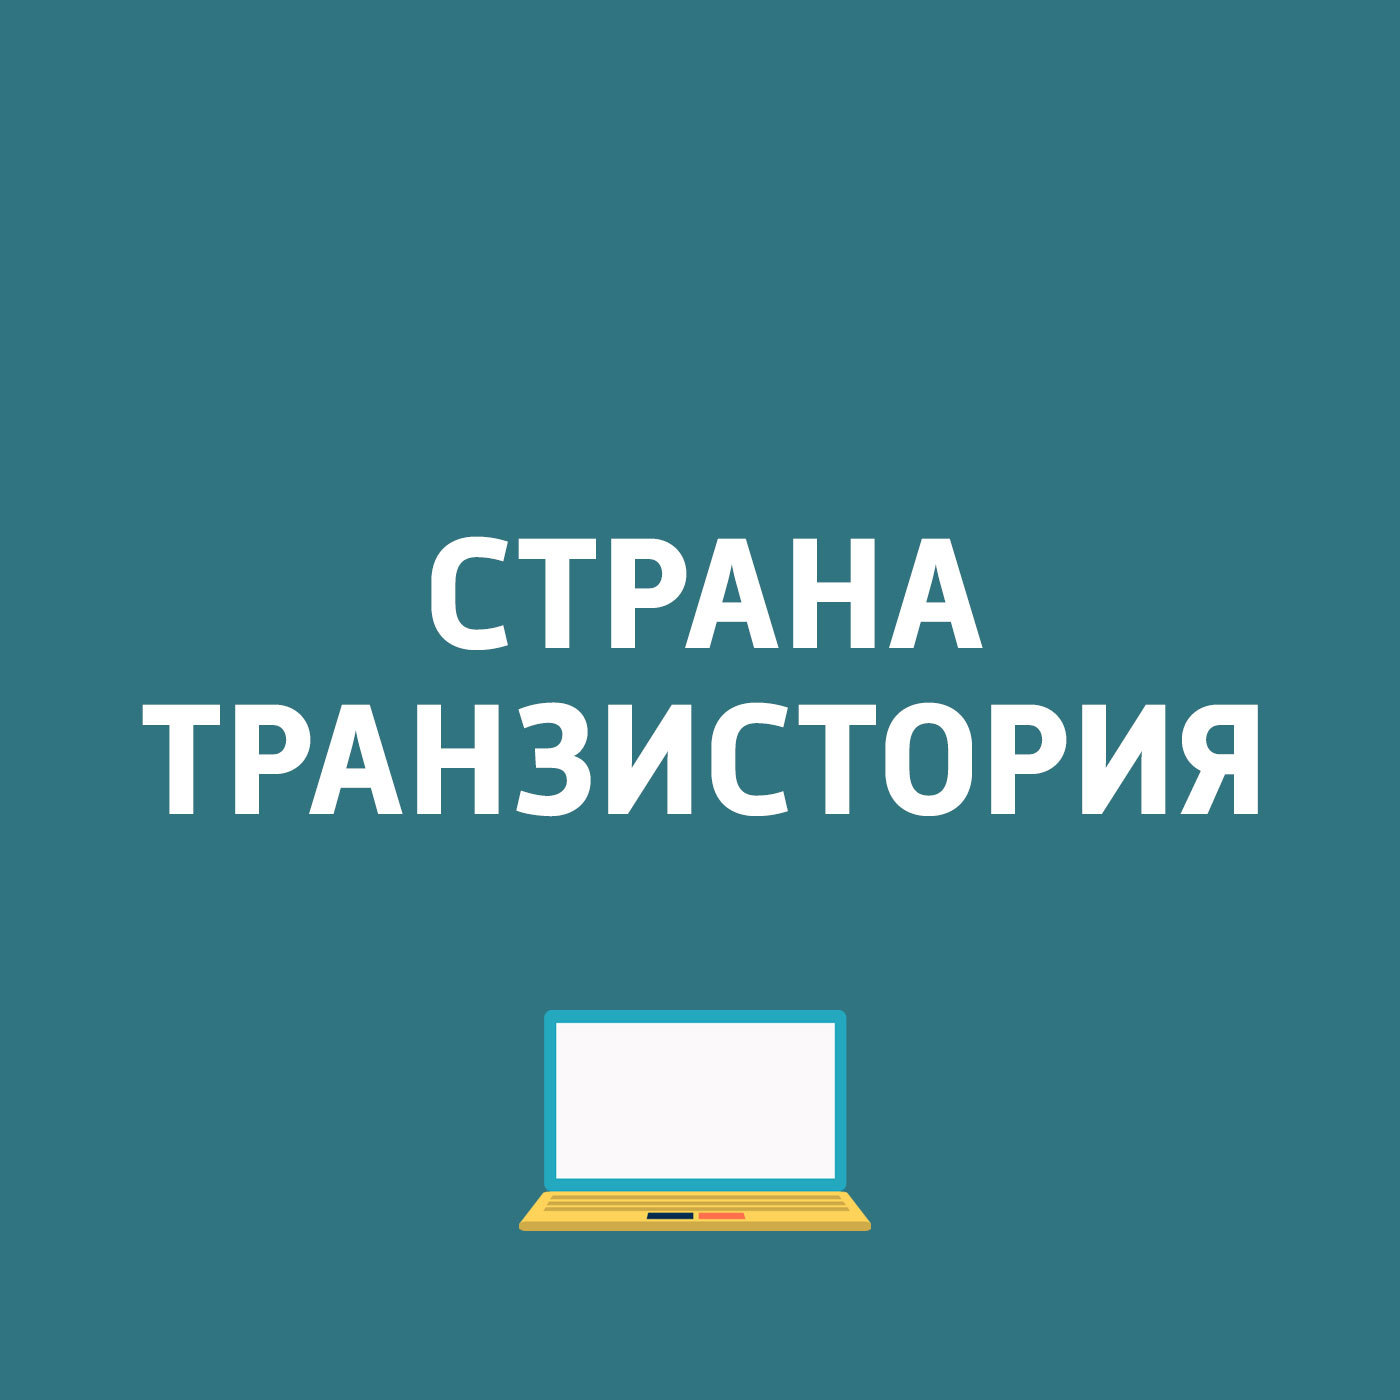 Итоги Imagine Cup 2016. YotaPhone 3 получит новый дизайн. MacBook не поддается ремонту. В буддистском храме появился робот-монах